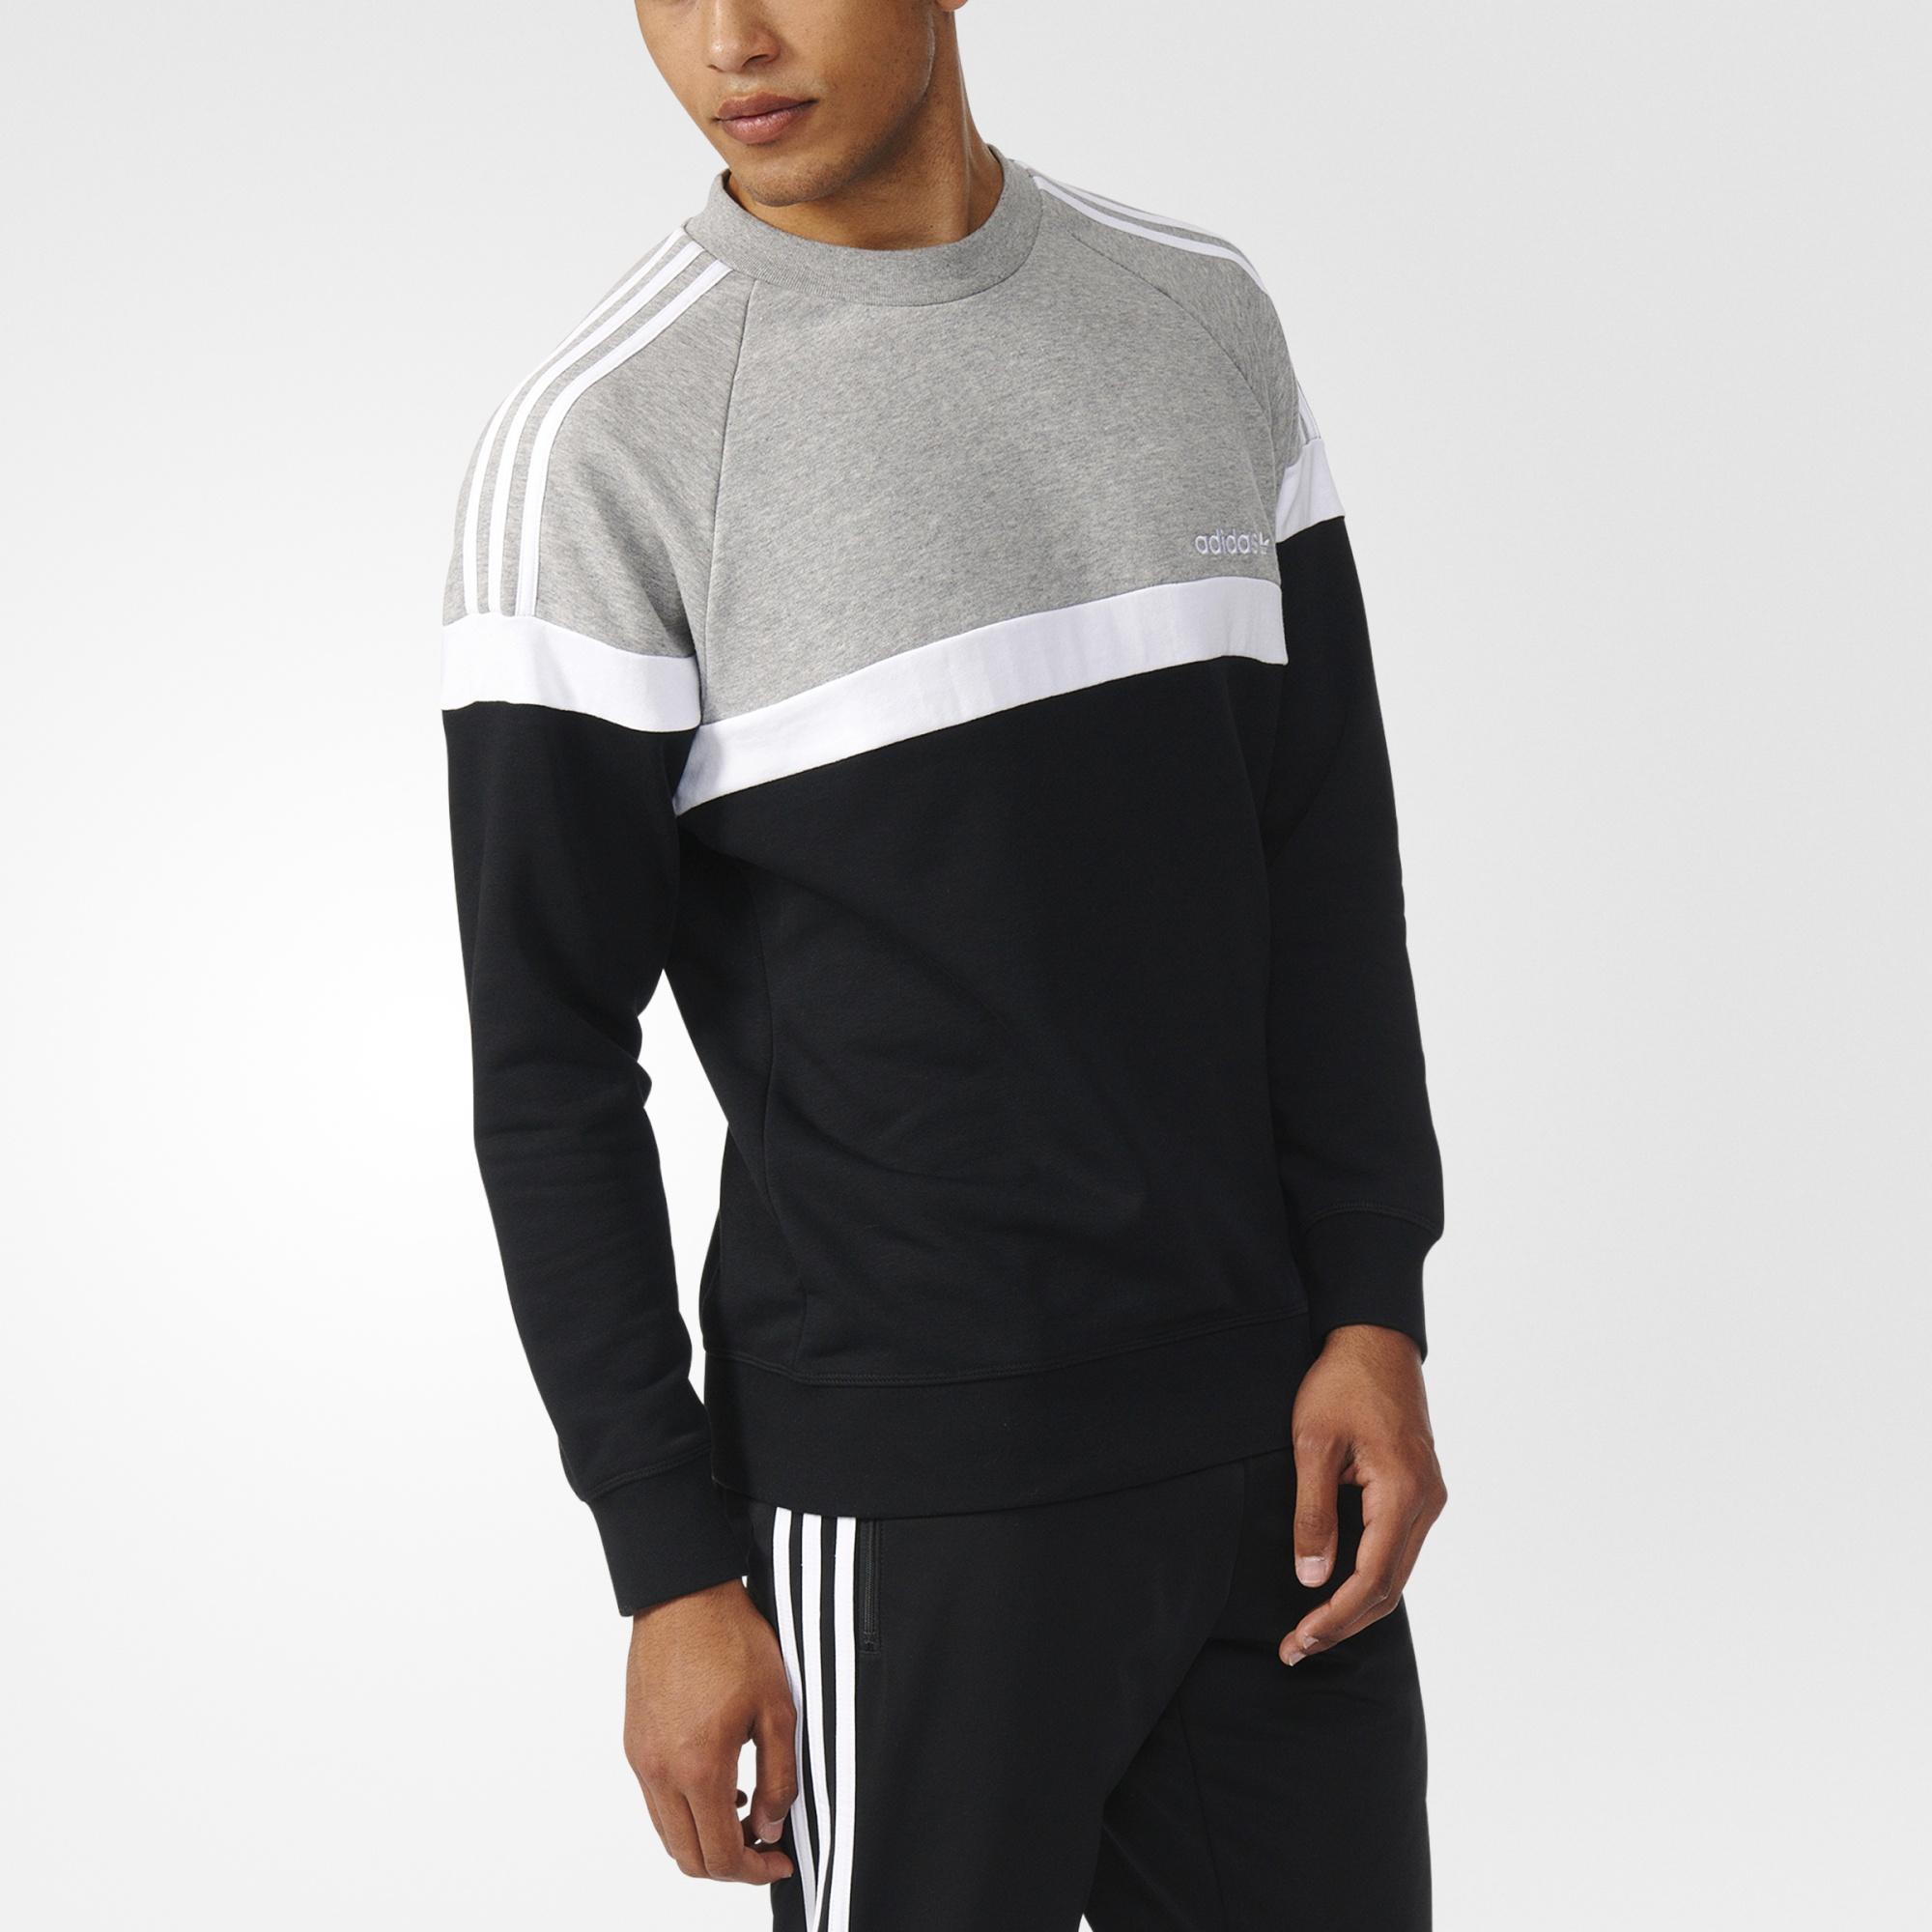 1813871b872 adidas Itasca Sweatshirt - zwart | adidas Officiële Shop